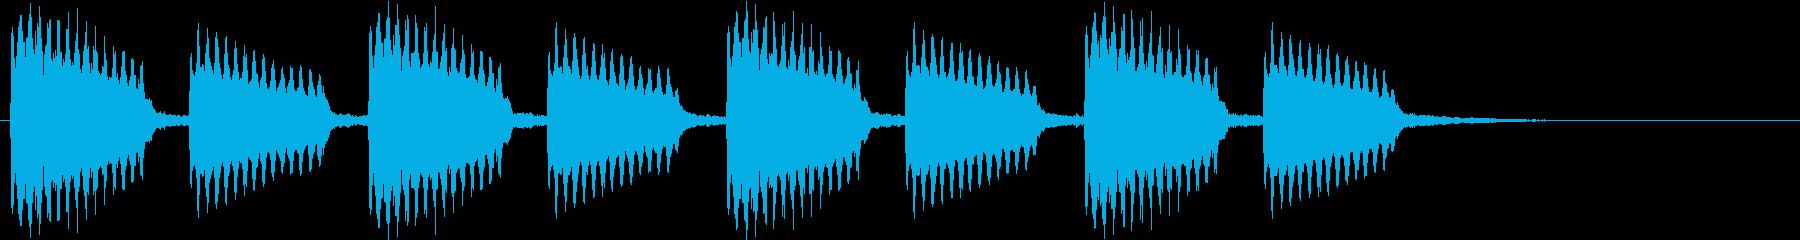 古い印象のギター音#01の再生済みの波形